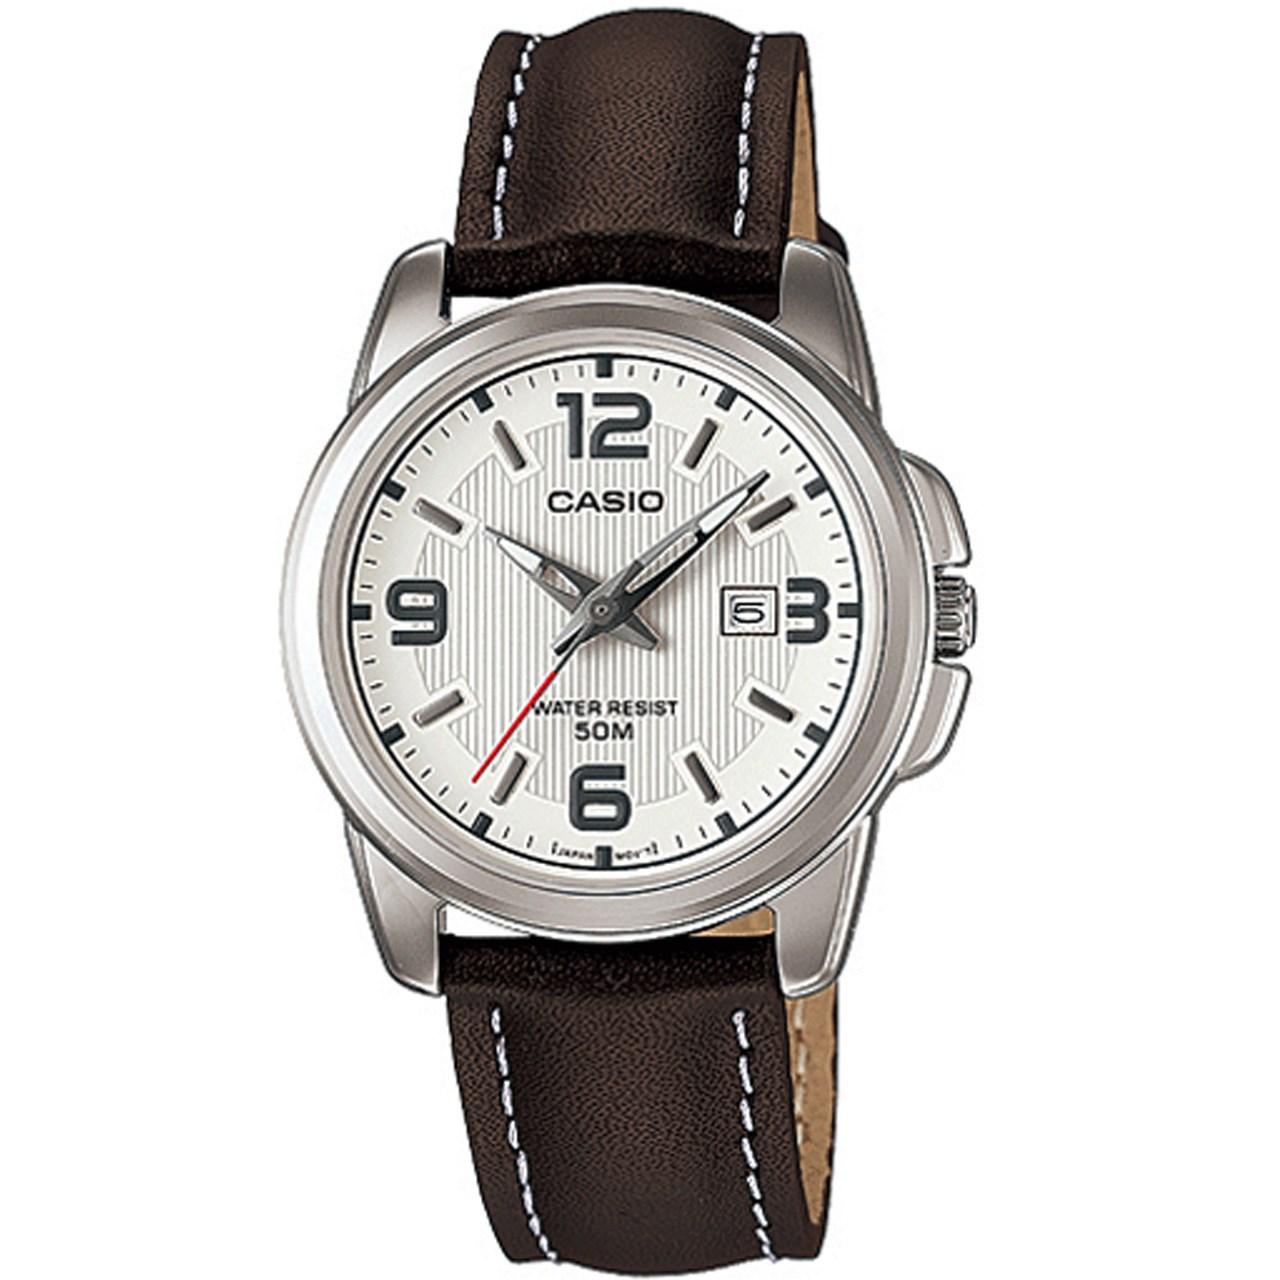 خرید ساعت مچی عقربه ای زنانه کاسیو مدل LTP-1314L-7AVDF